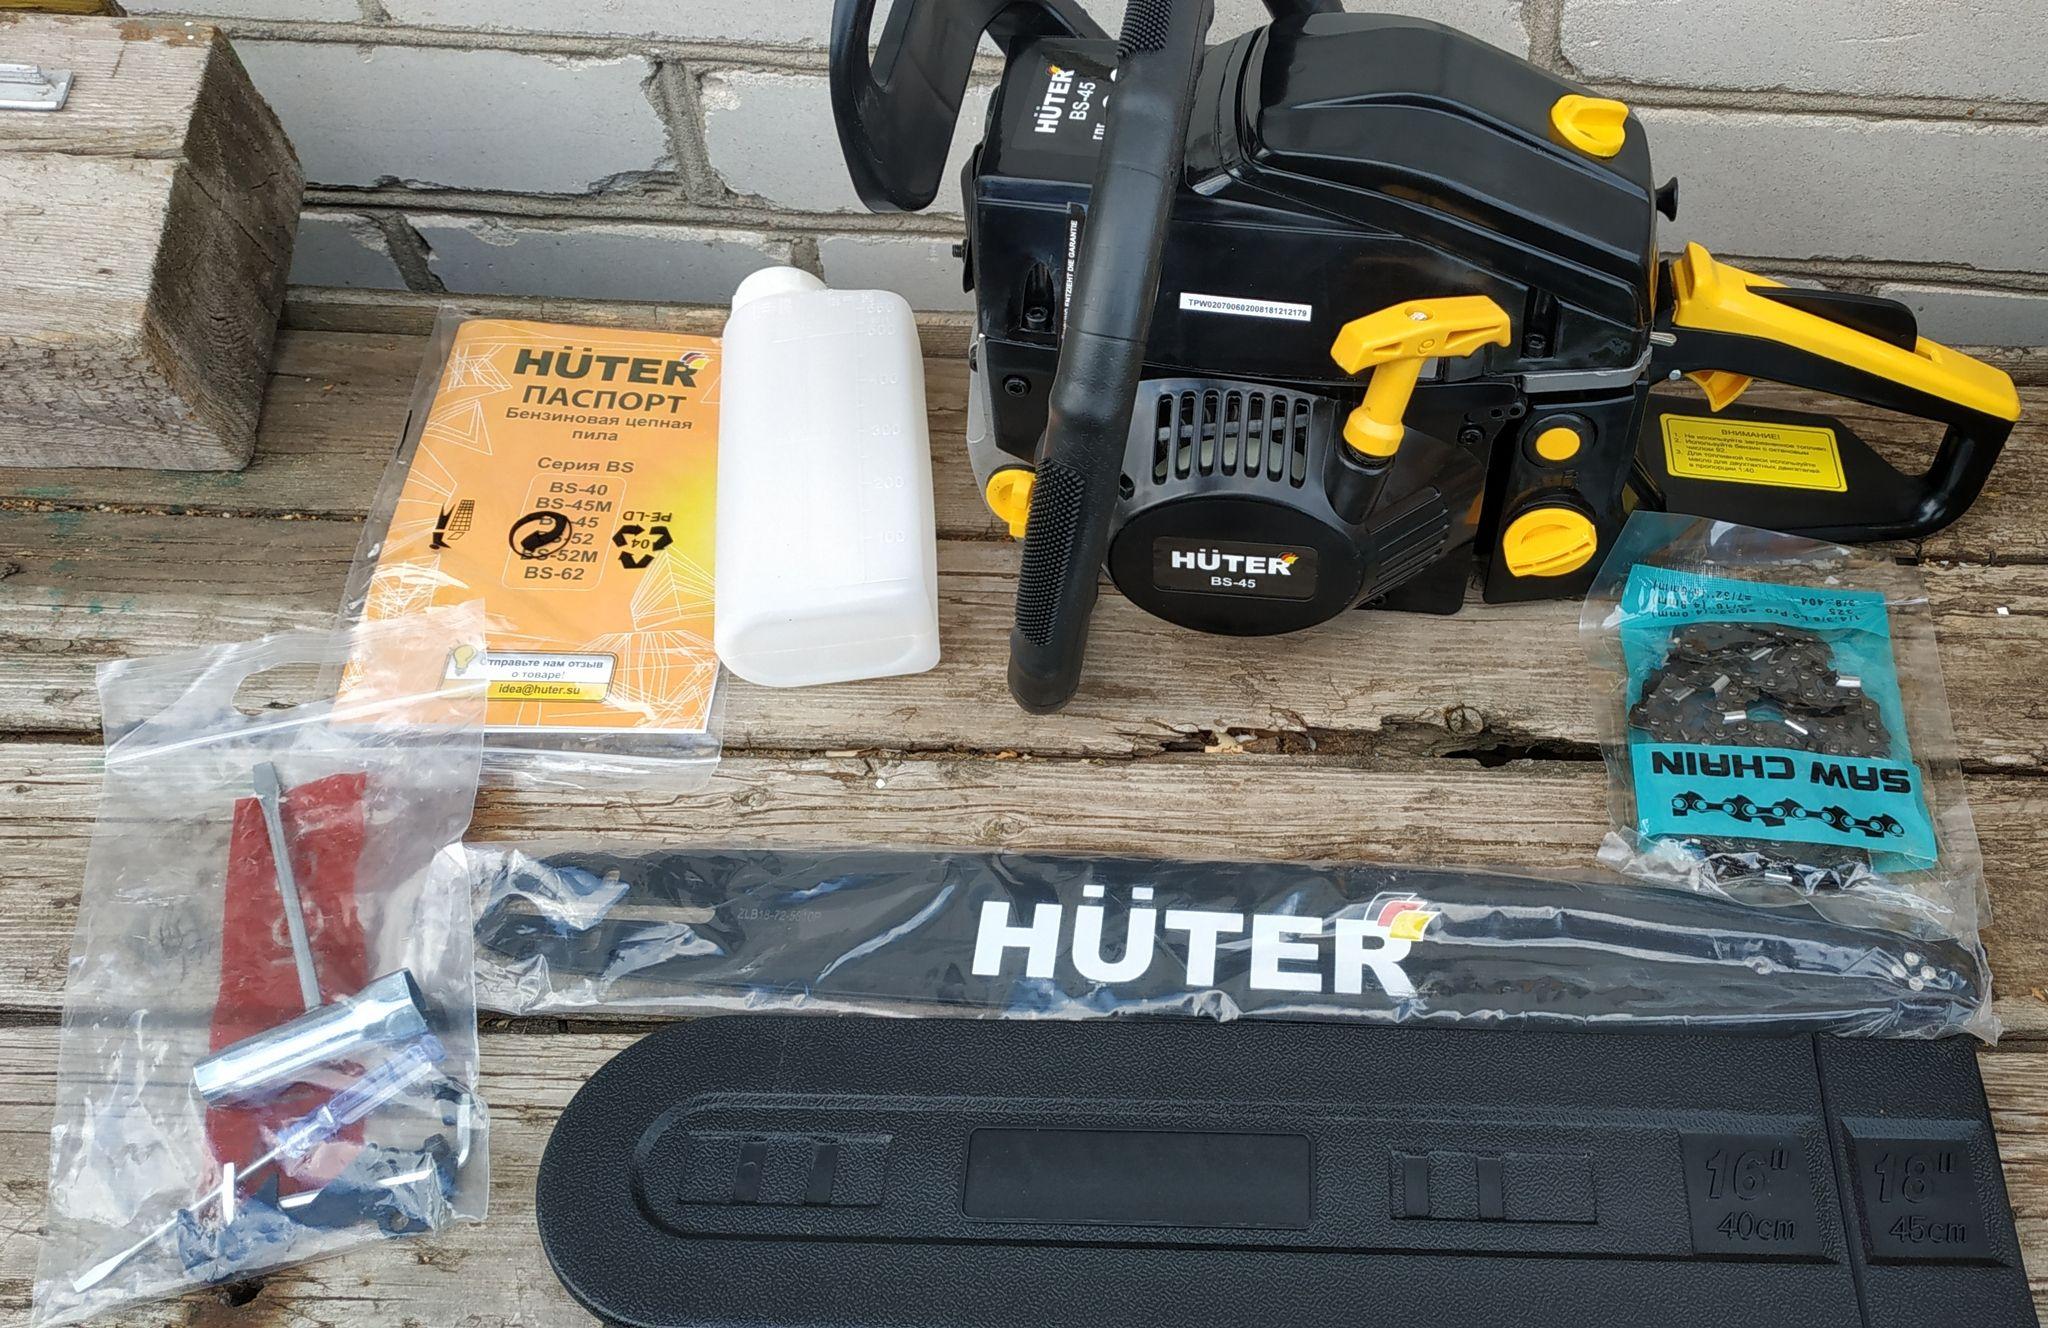 Бензопилы huter: обзор модельного ряда. подготовка к эксплуатации бензопилы. горюче-смазочные материалы